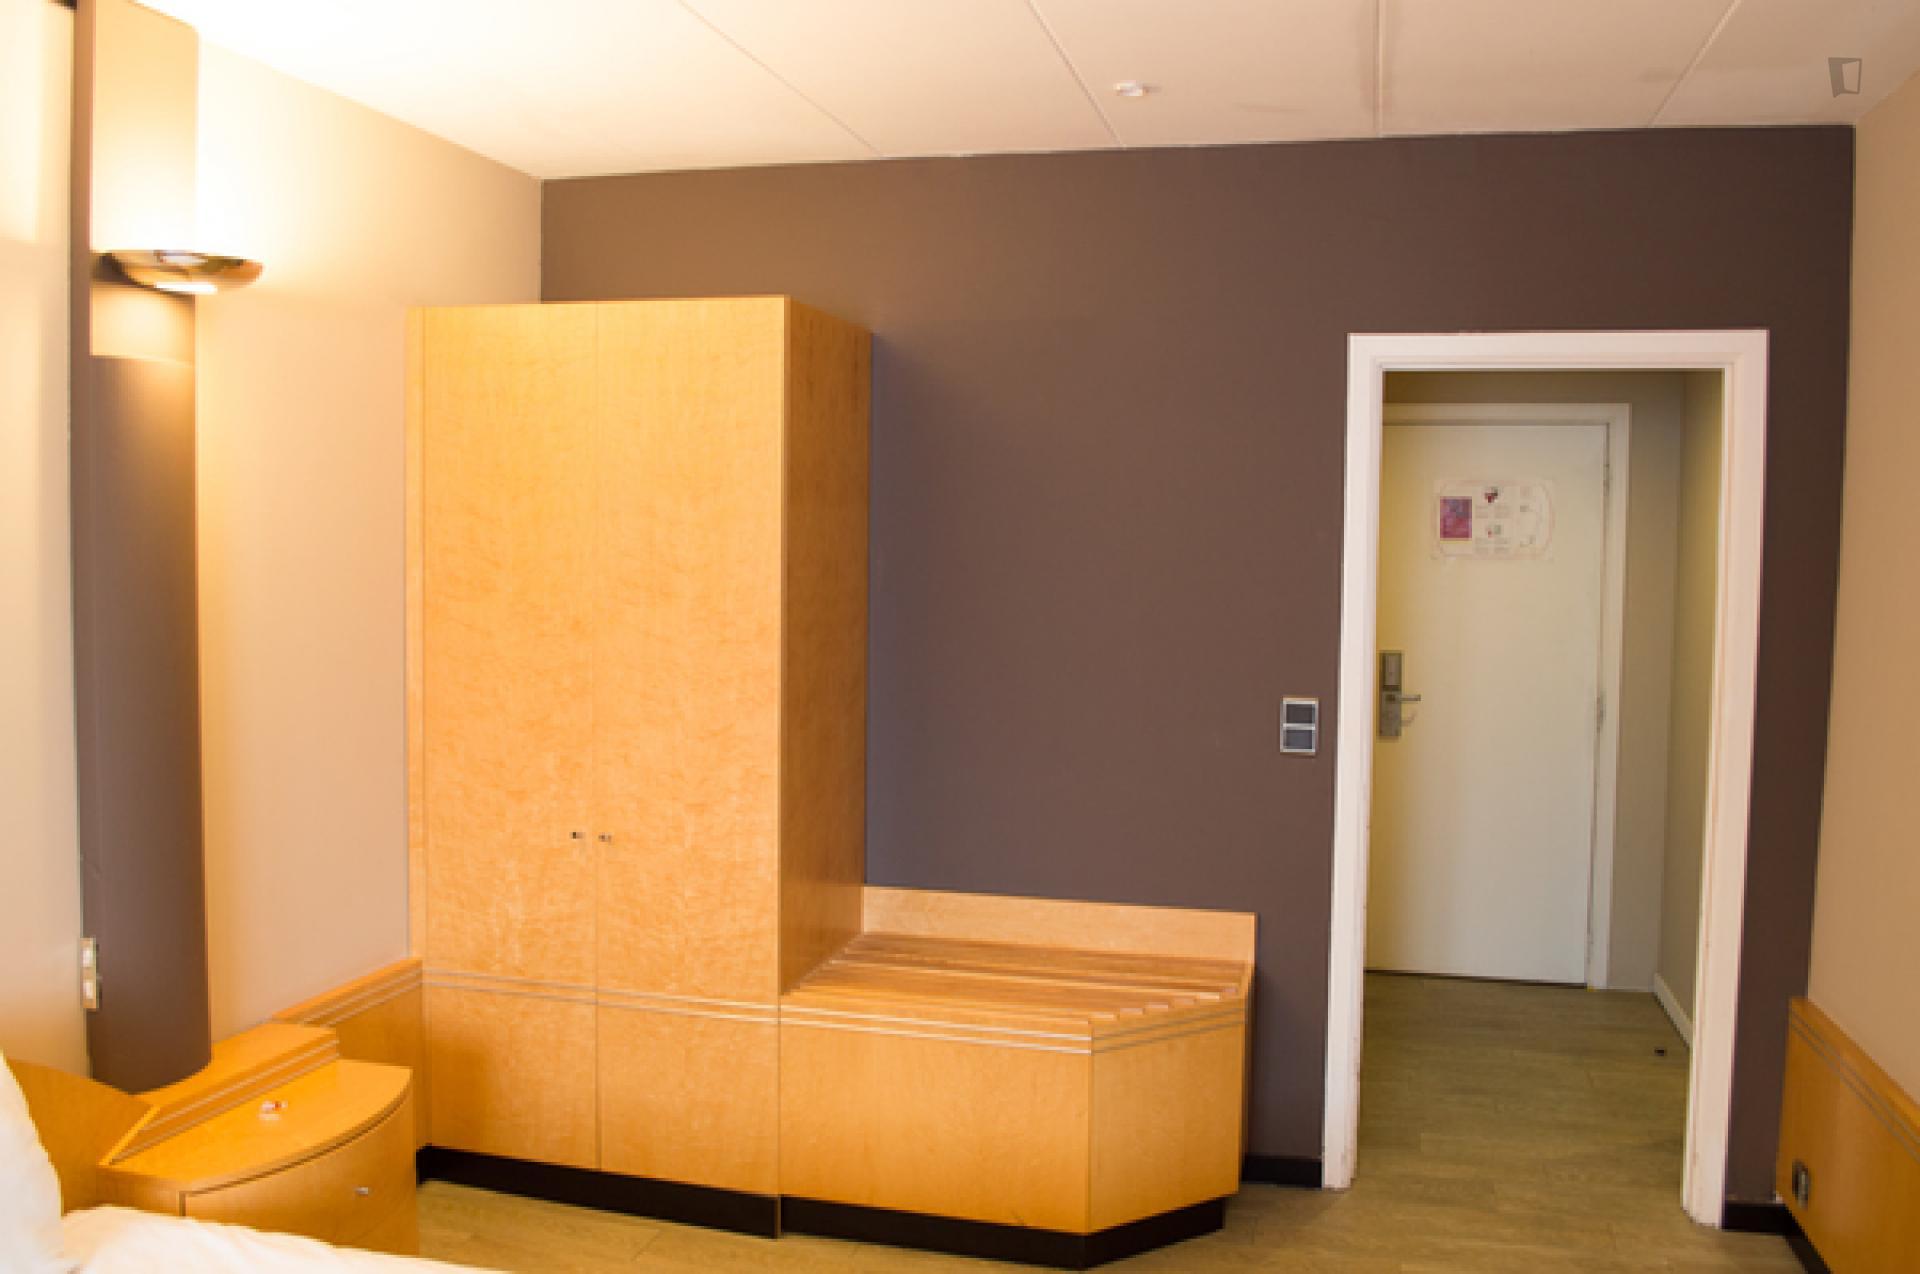 Waterloosesteenweg 2- Bedroom in shared flat in Belgium